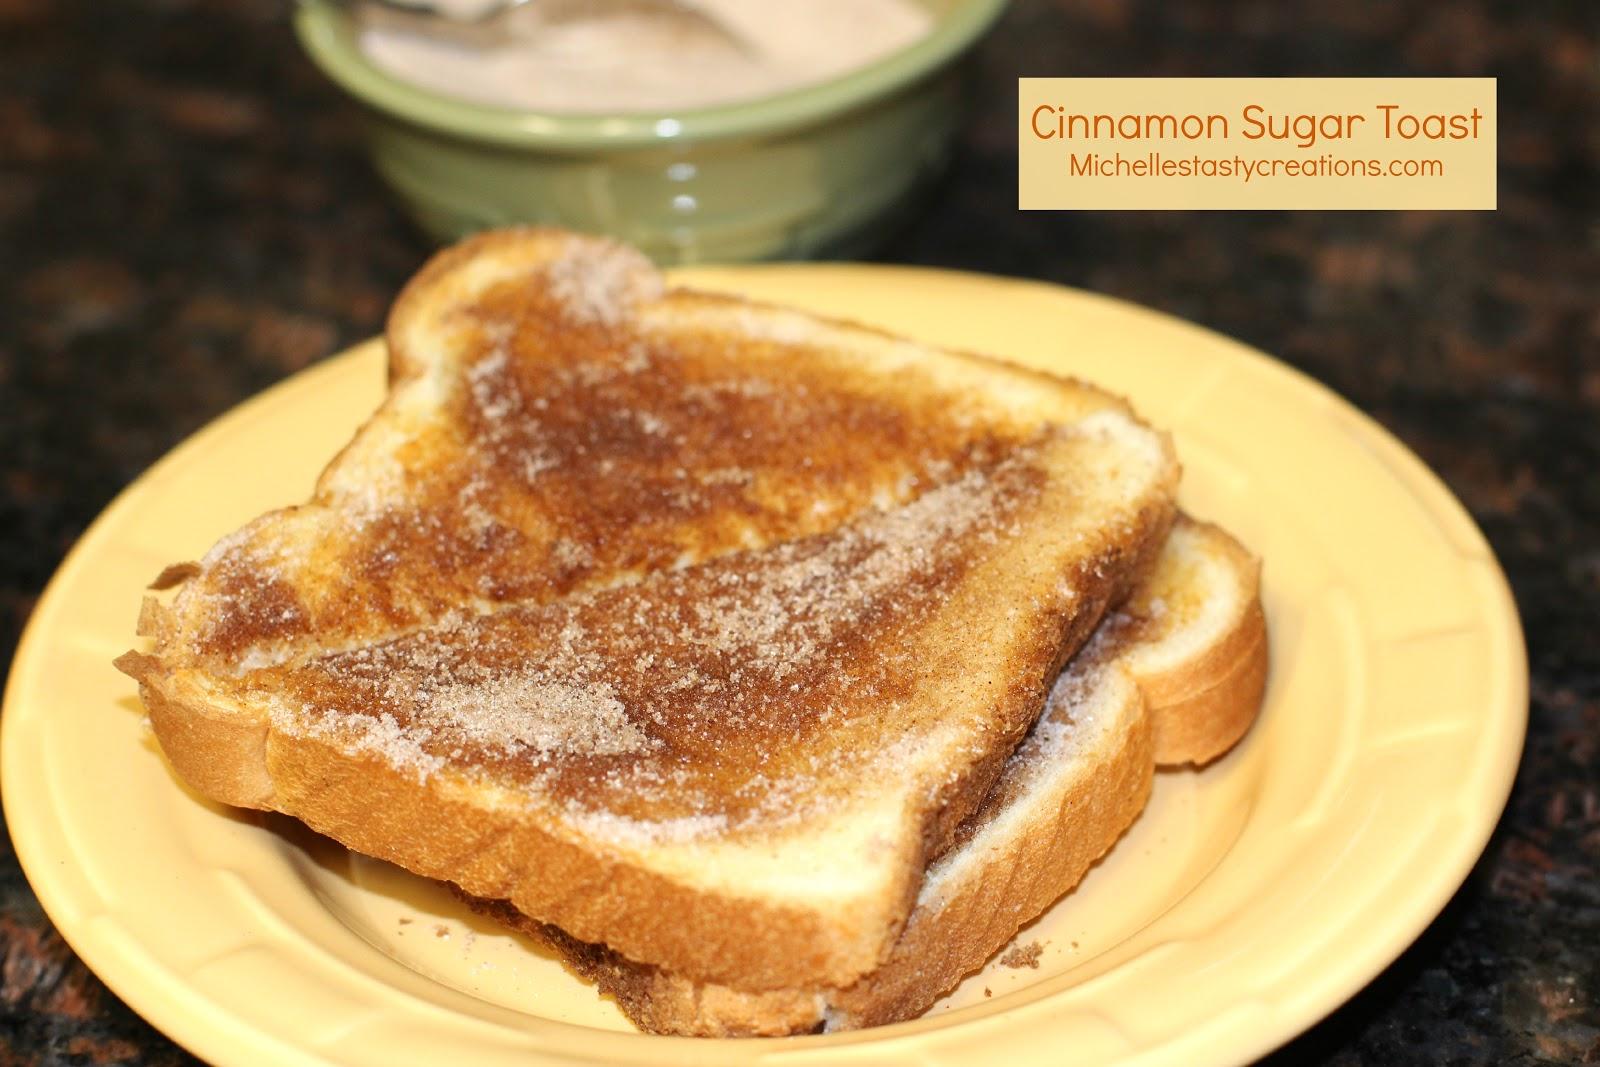 Michelle's Tasty Creations: Cinnamon Sugar Toast